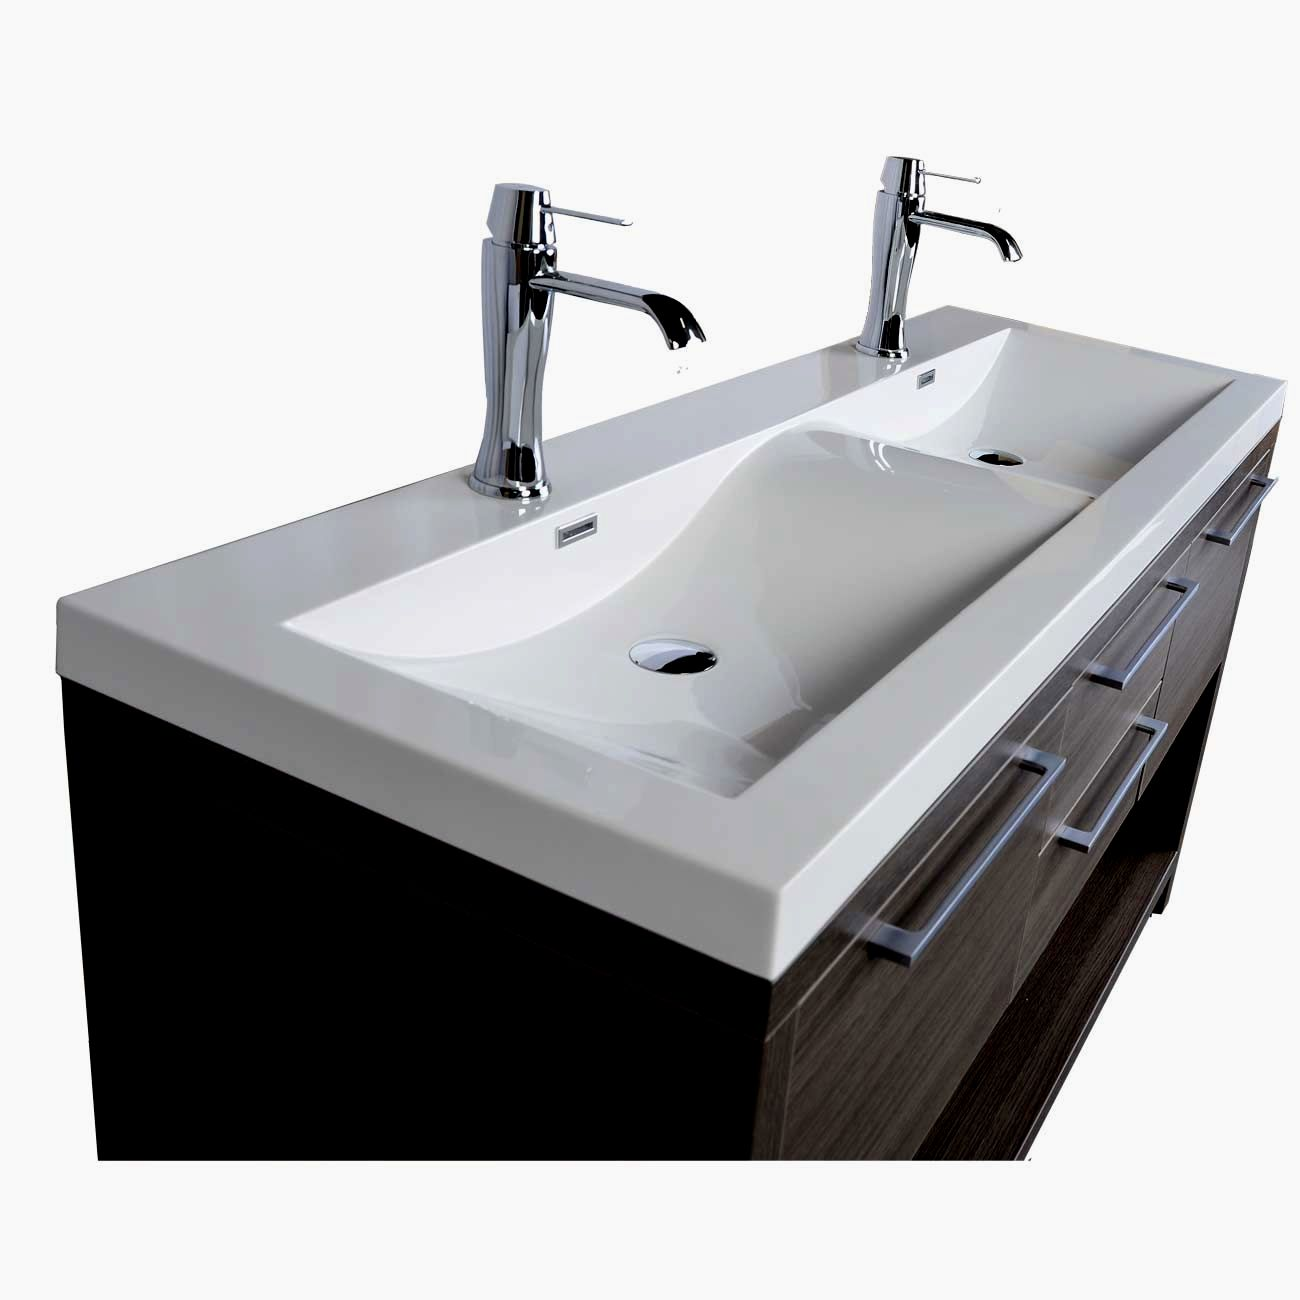 stylish double sink bathroom vanity plan-Excellent Double Sink Bathroom Vanity Décor